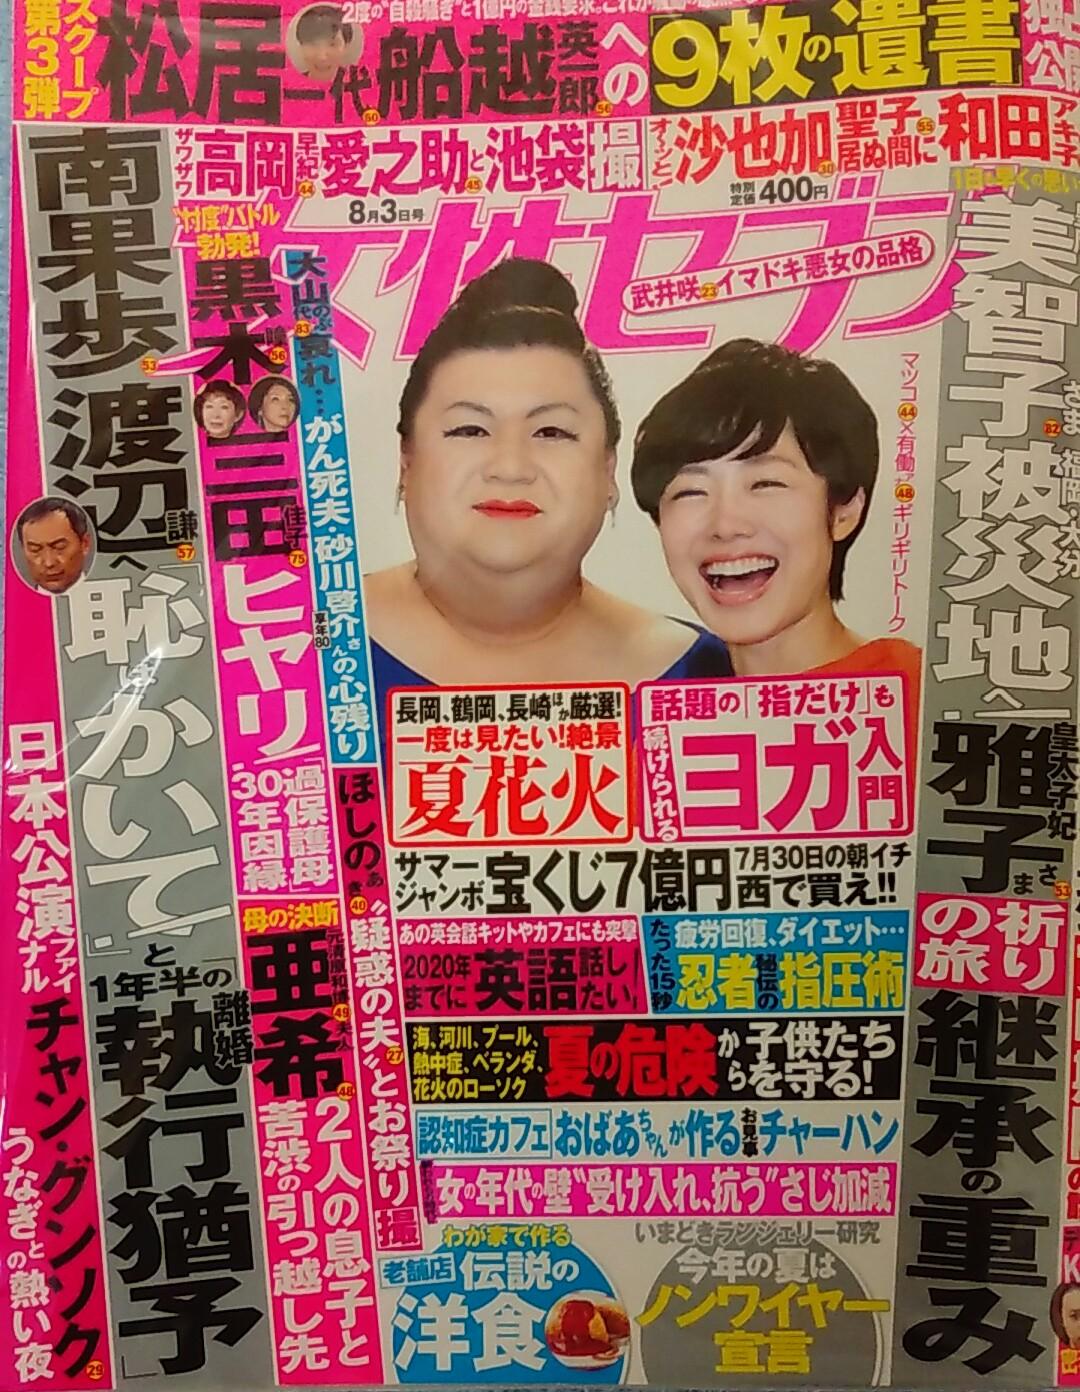 セブン 号 女性 最新 雑誌の新聞 [雑誌別速報]